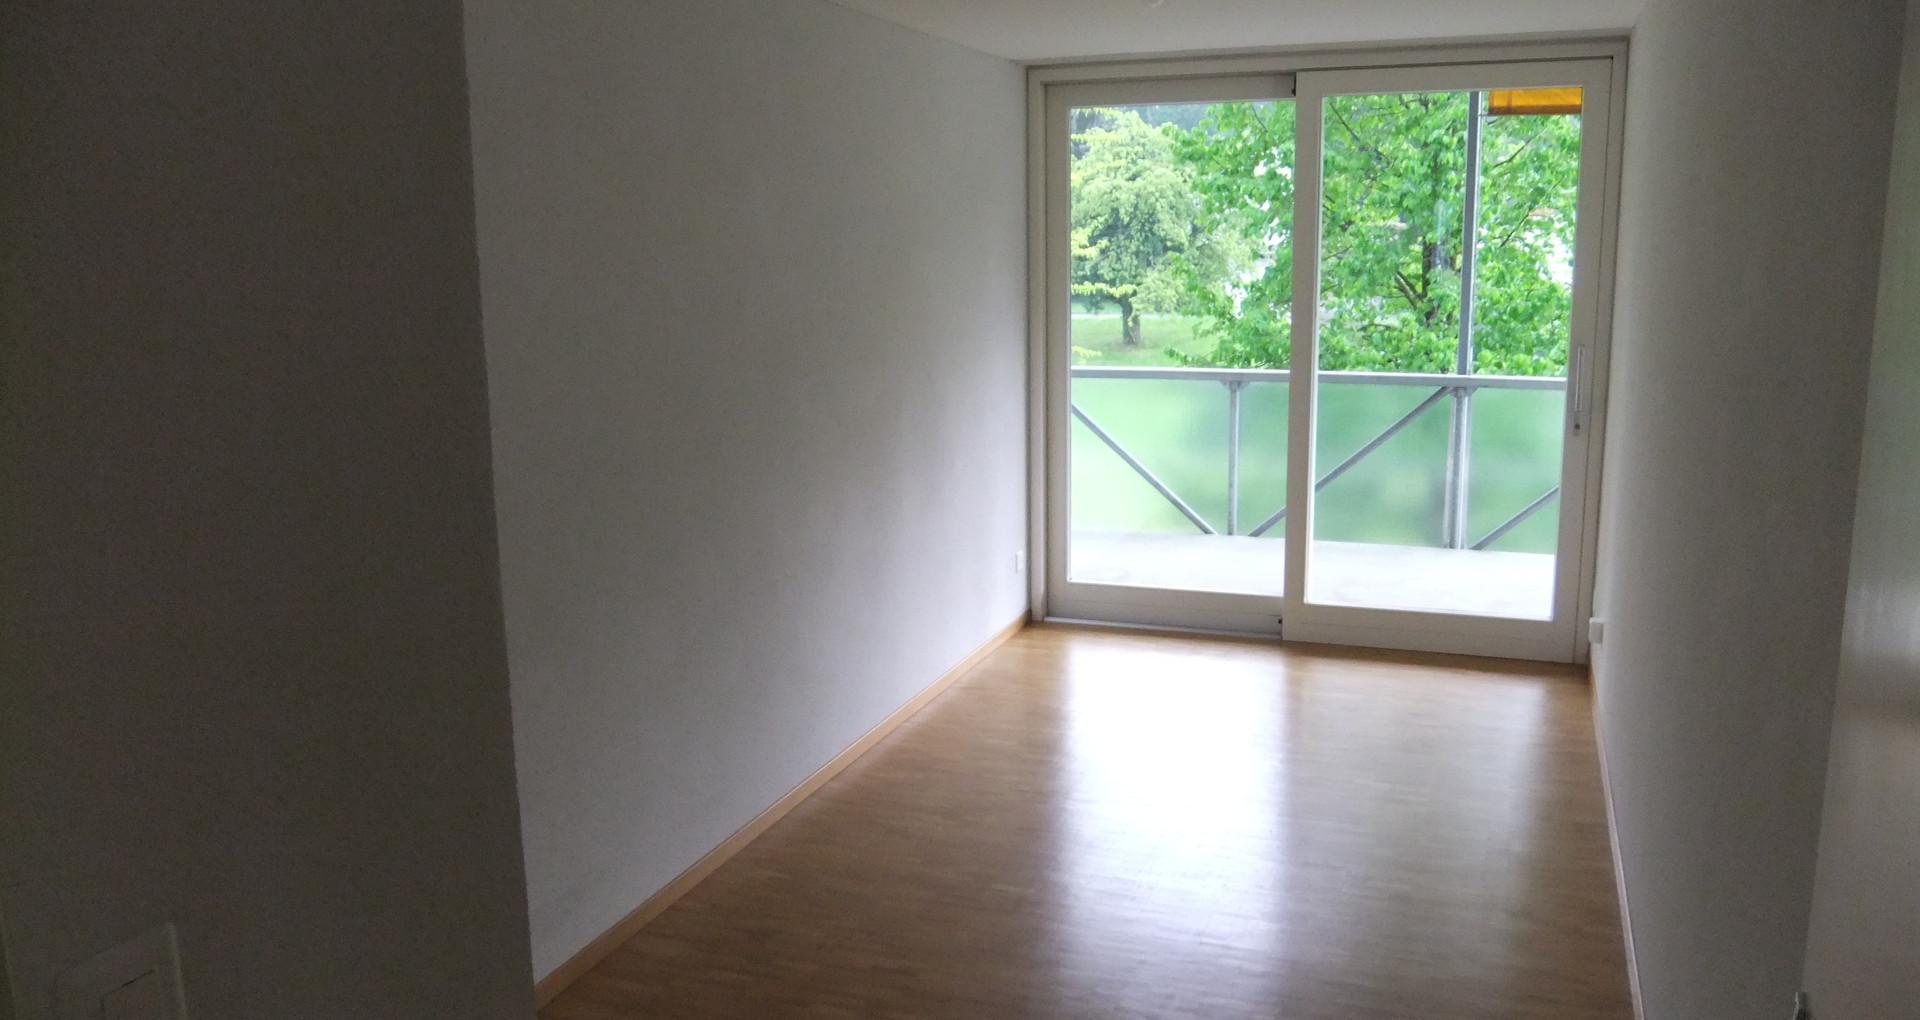 g) Schlafzimmer.JPG